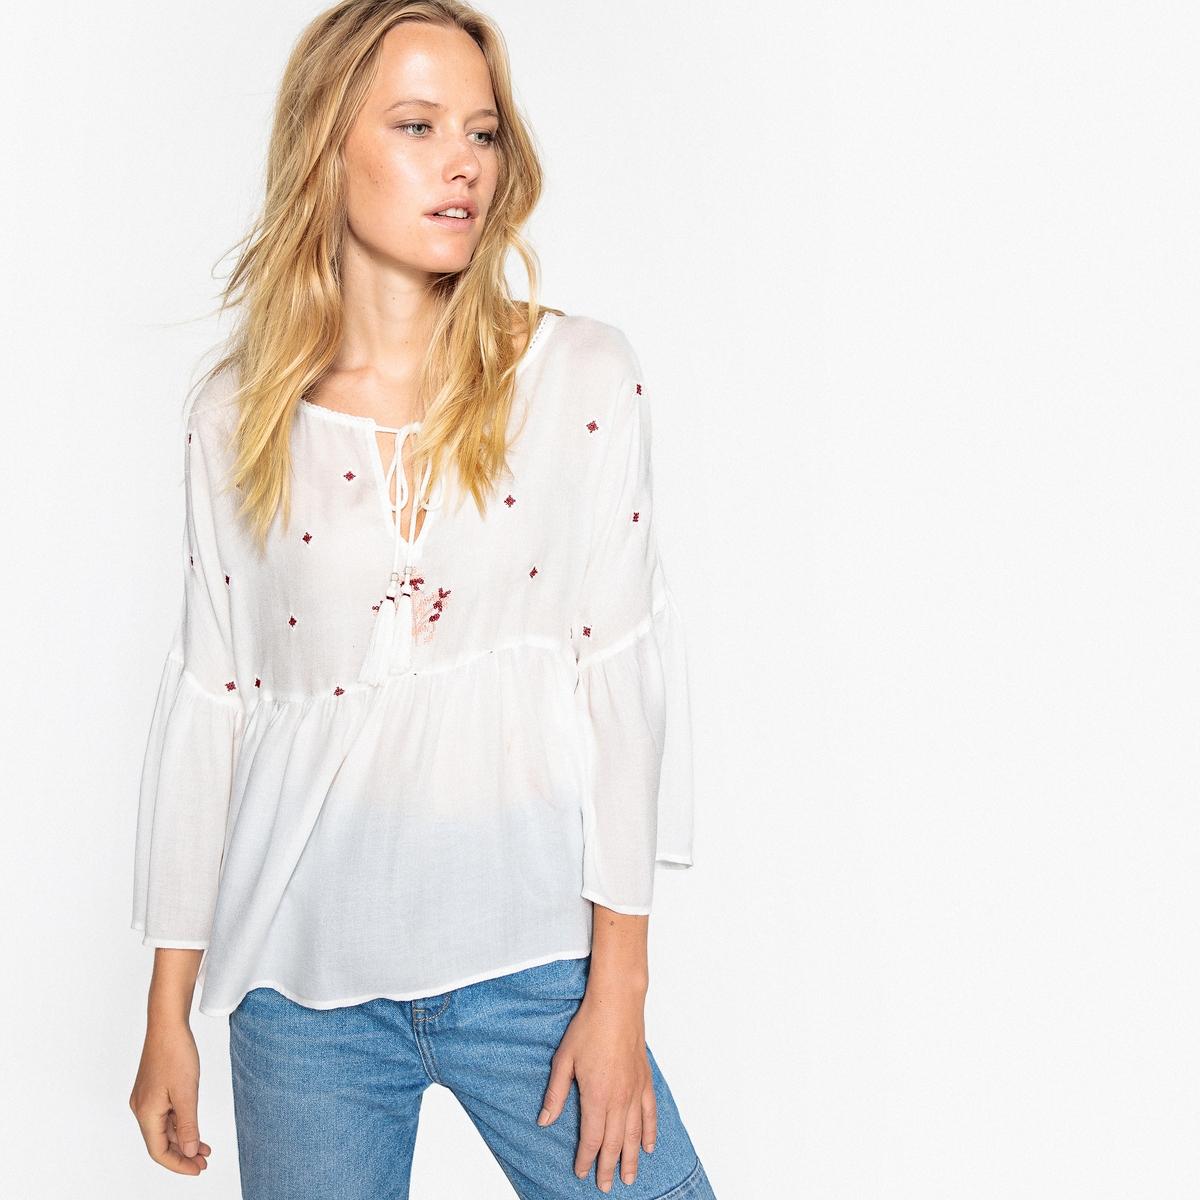 Блузка в стиле фолк